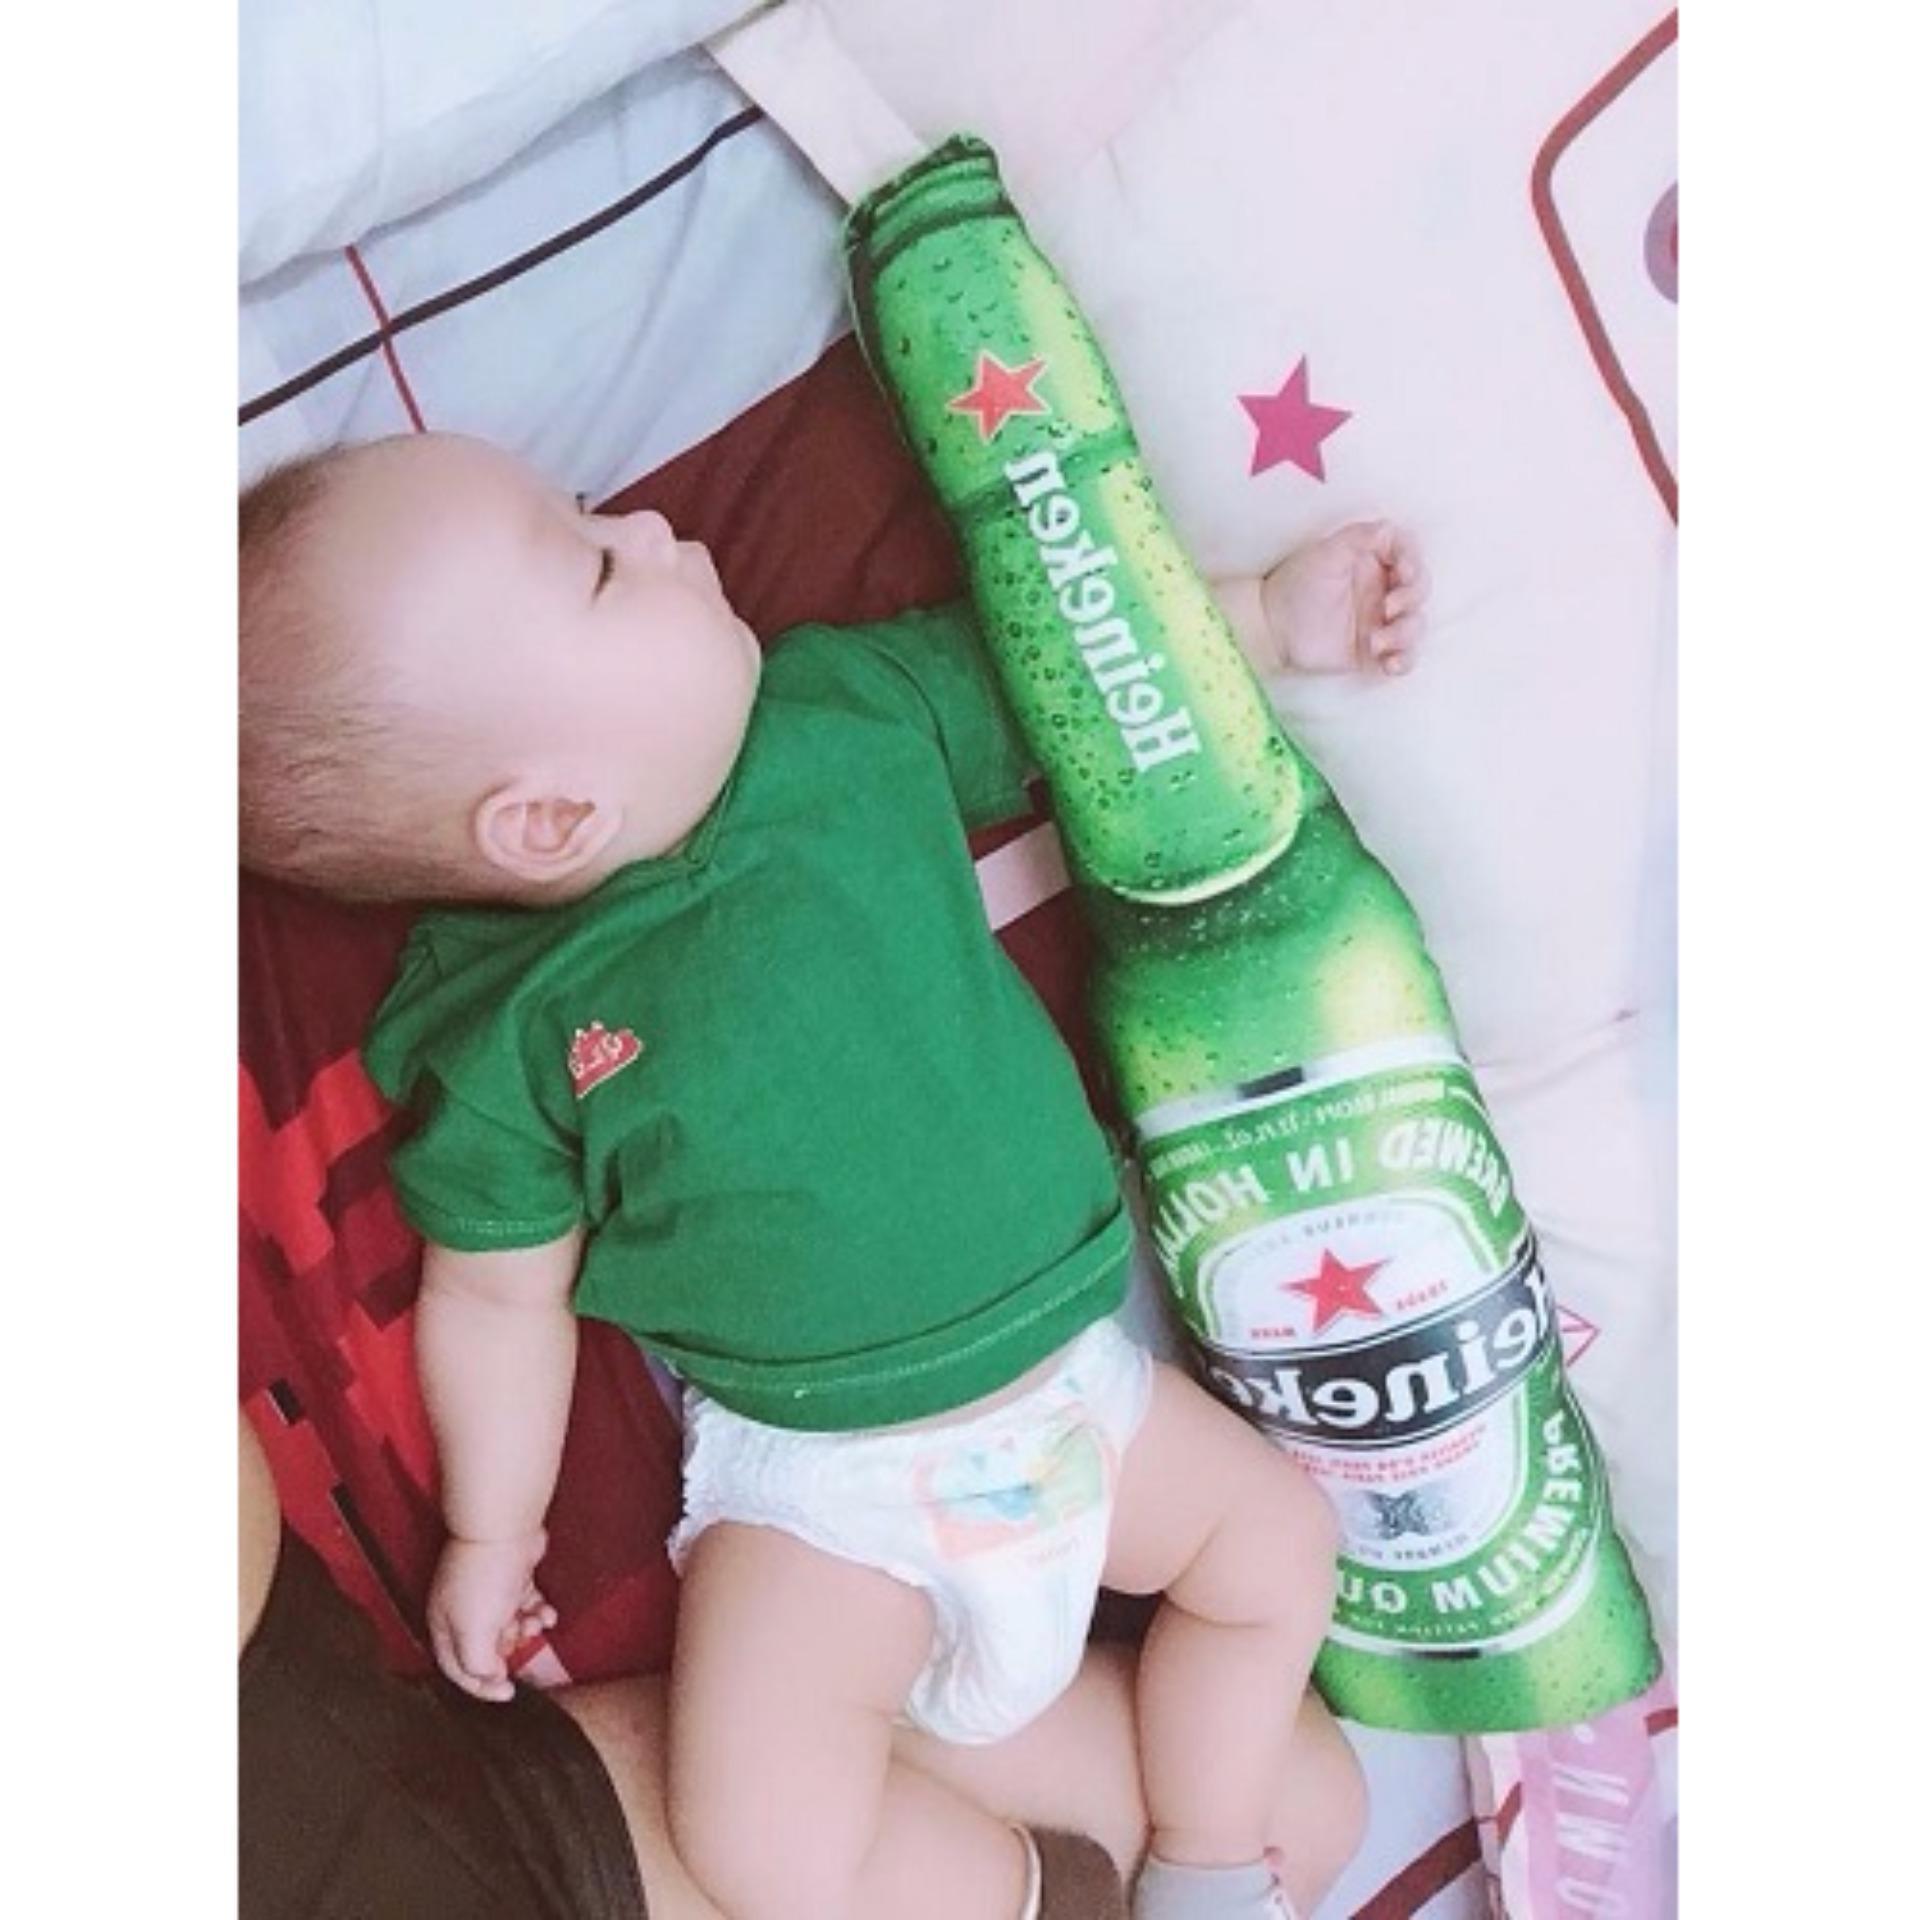 Giá Bán Rẻ Nhất Bộ 8 Gối Om 3D Hinh Ca Chep Va 12 Chai Bia Heineken